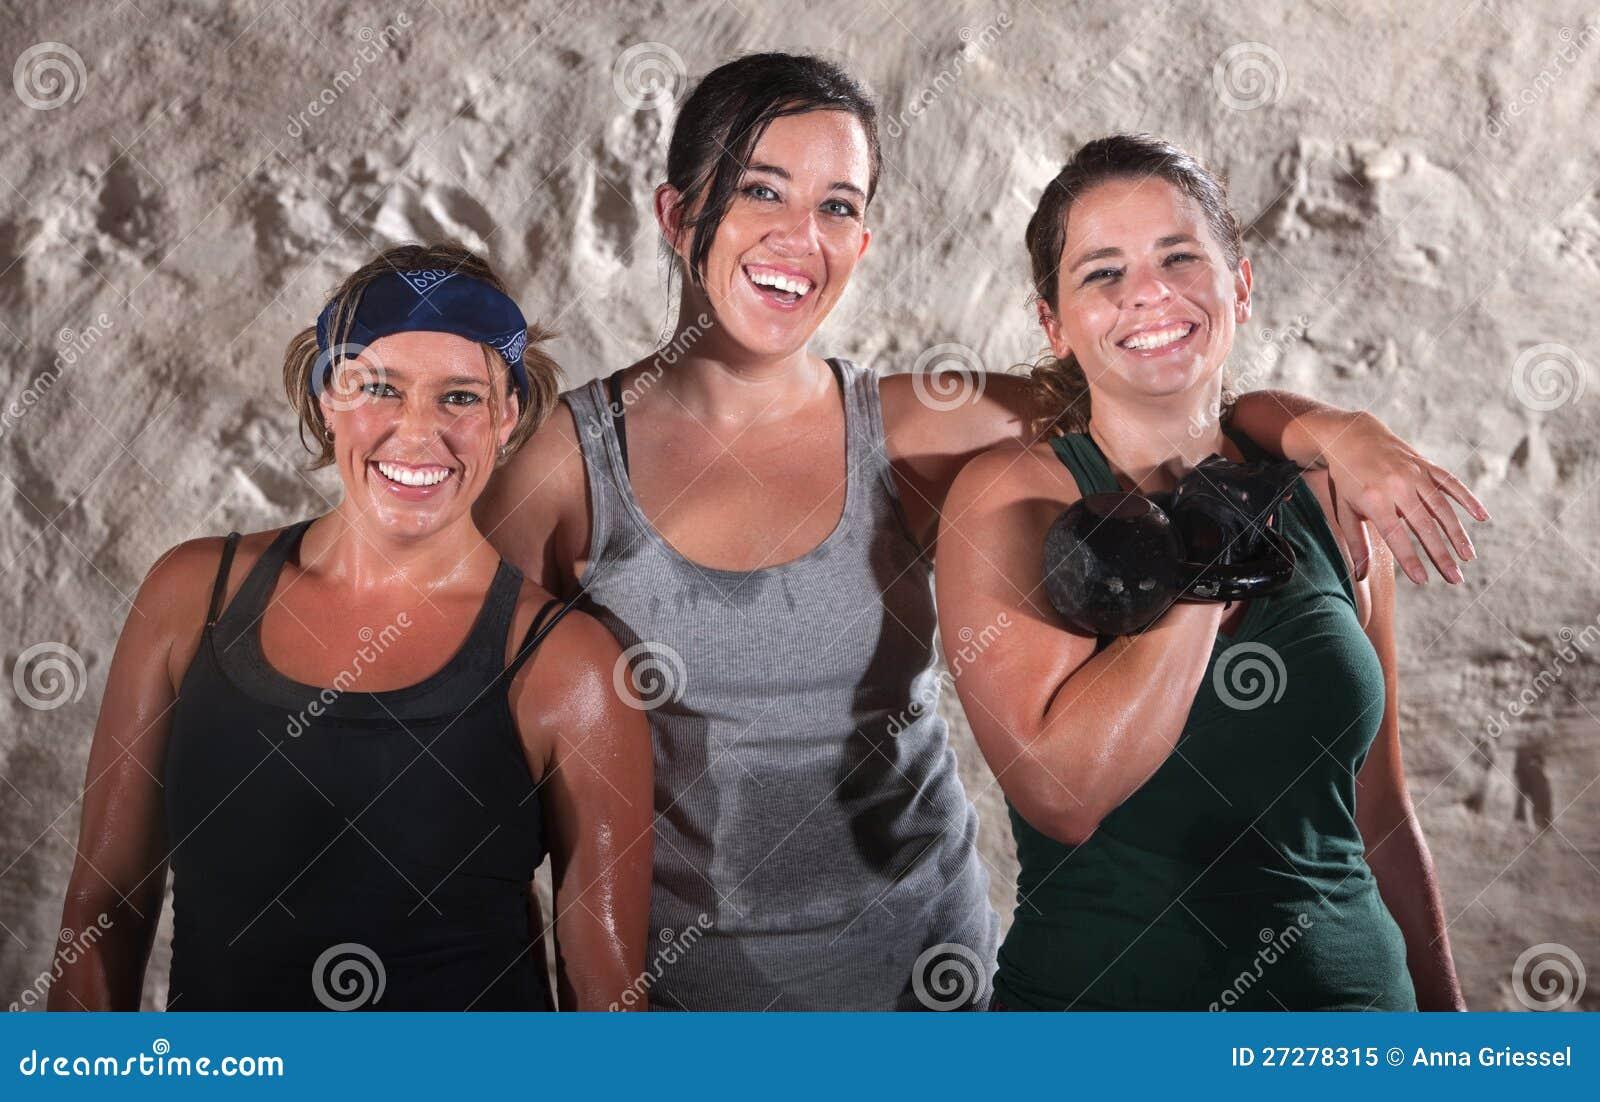 Tre svettiga kvinnor för kängalägergenomkörare